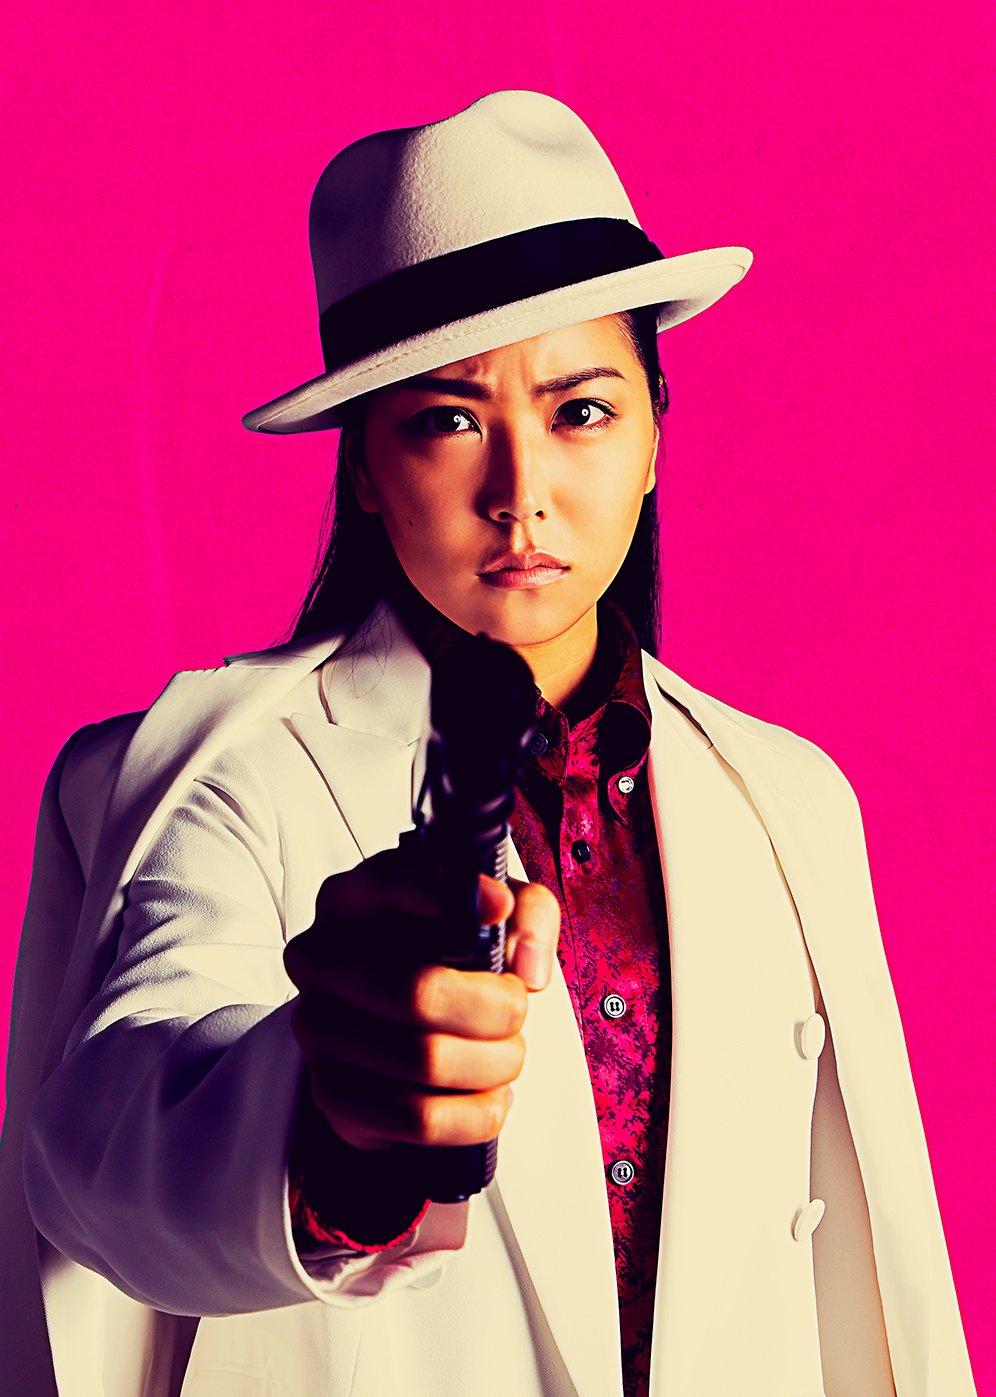 衝撃のビジュアル!AKB48グループが総集結で『仁義なき戦い』に挑む!【画像8枚】の画像003